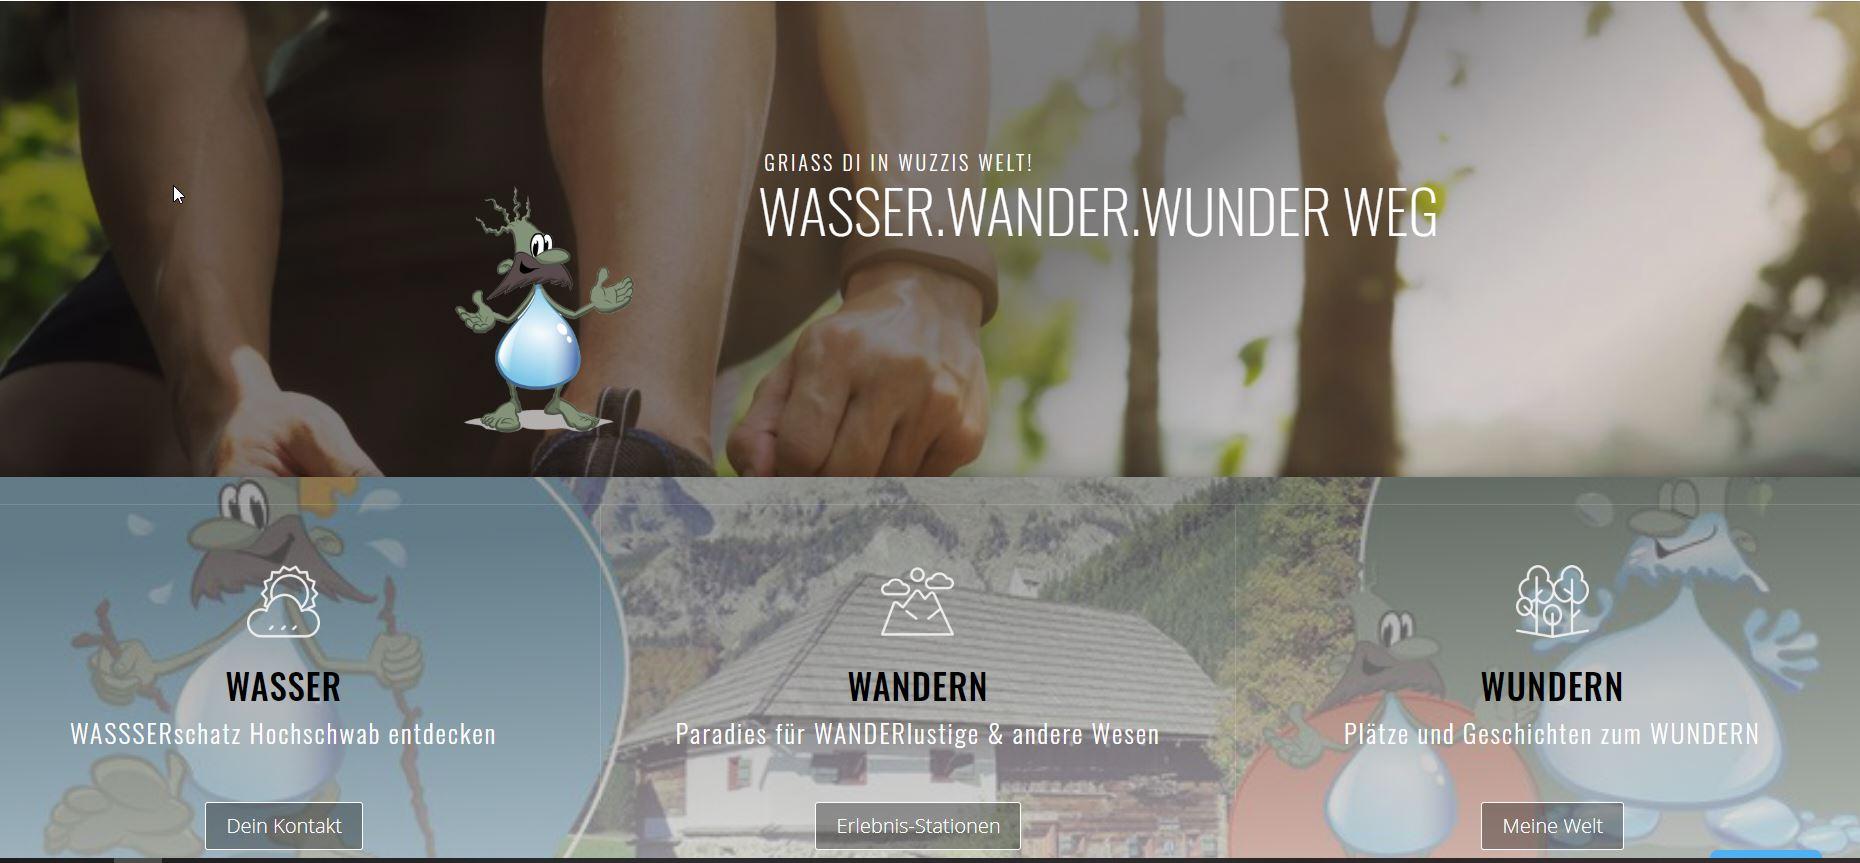 Website für den Wasser-Wander-Wunder-Weg; ZWHS GmbH / Holding Graz